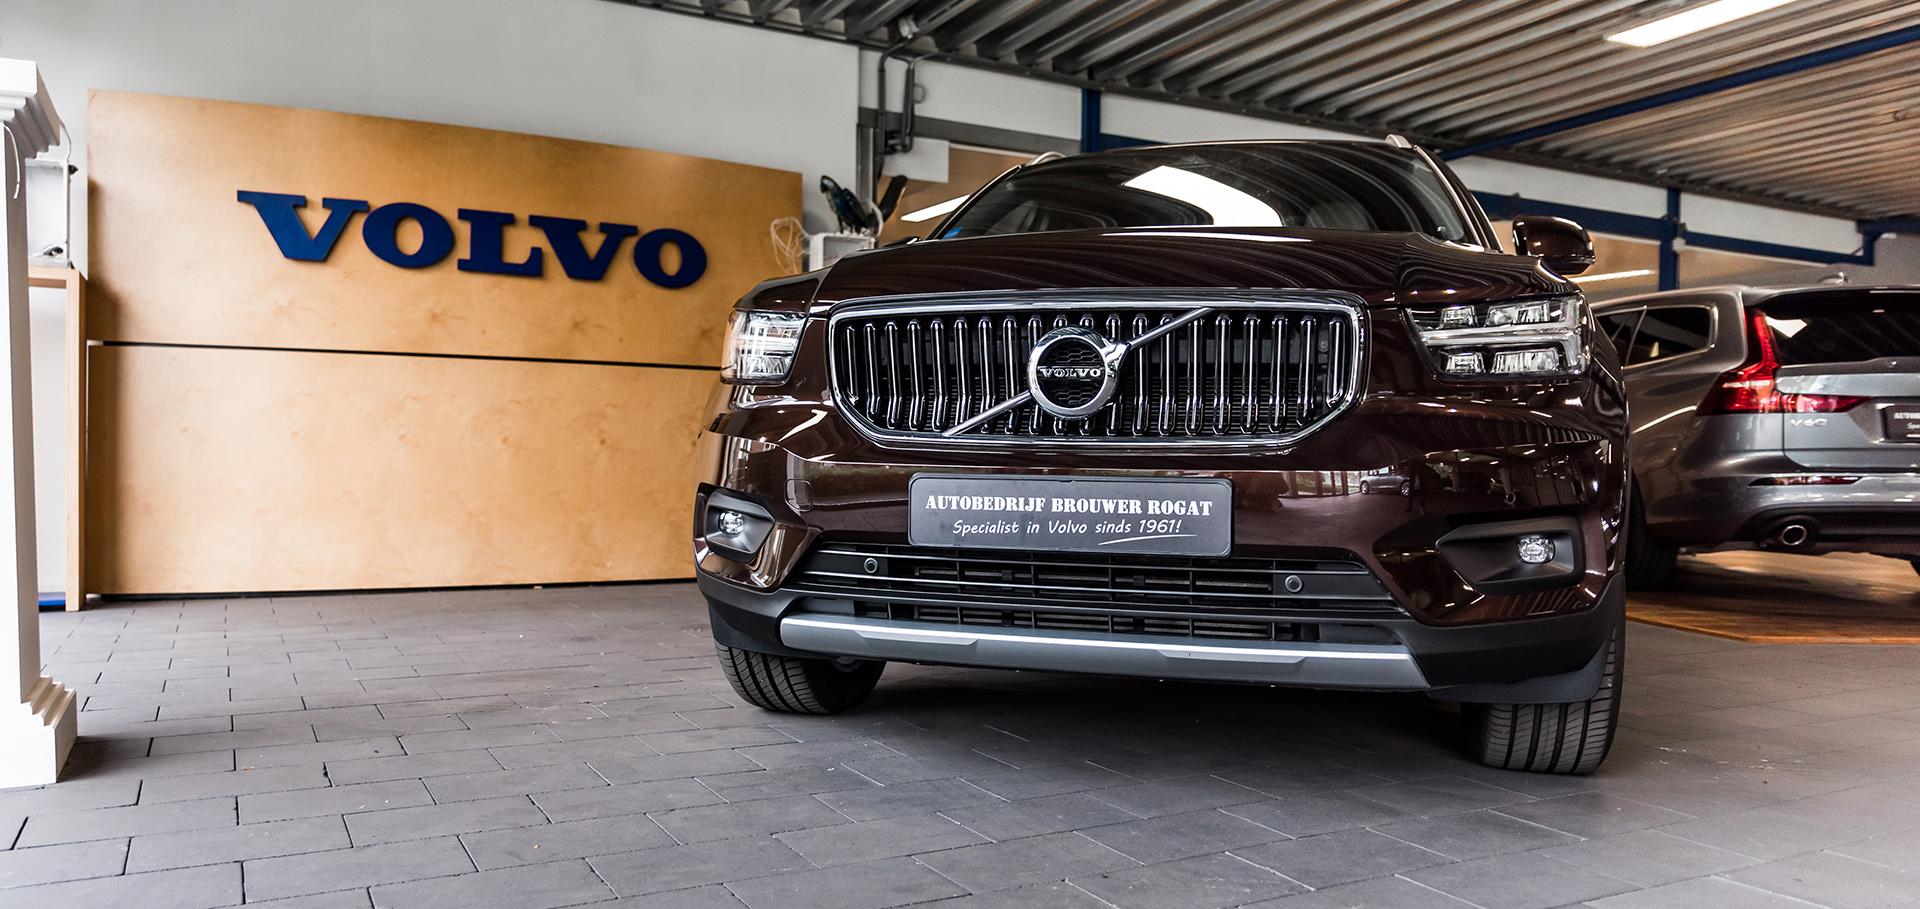 Volvo specialist Autobedrijf Brouwer Rogat